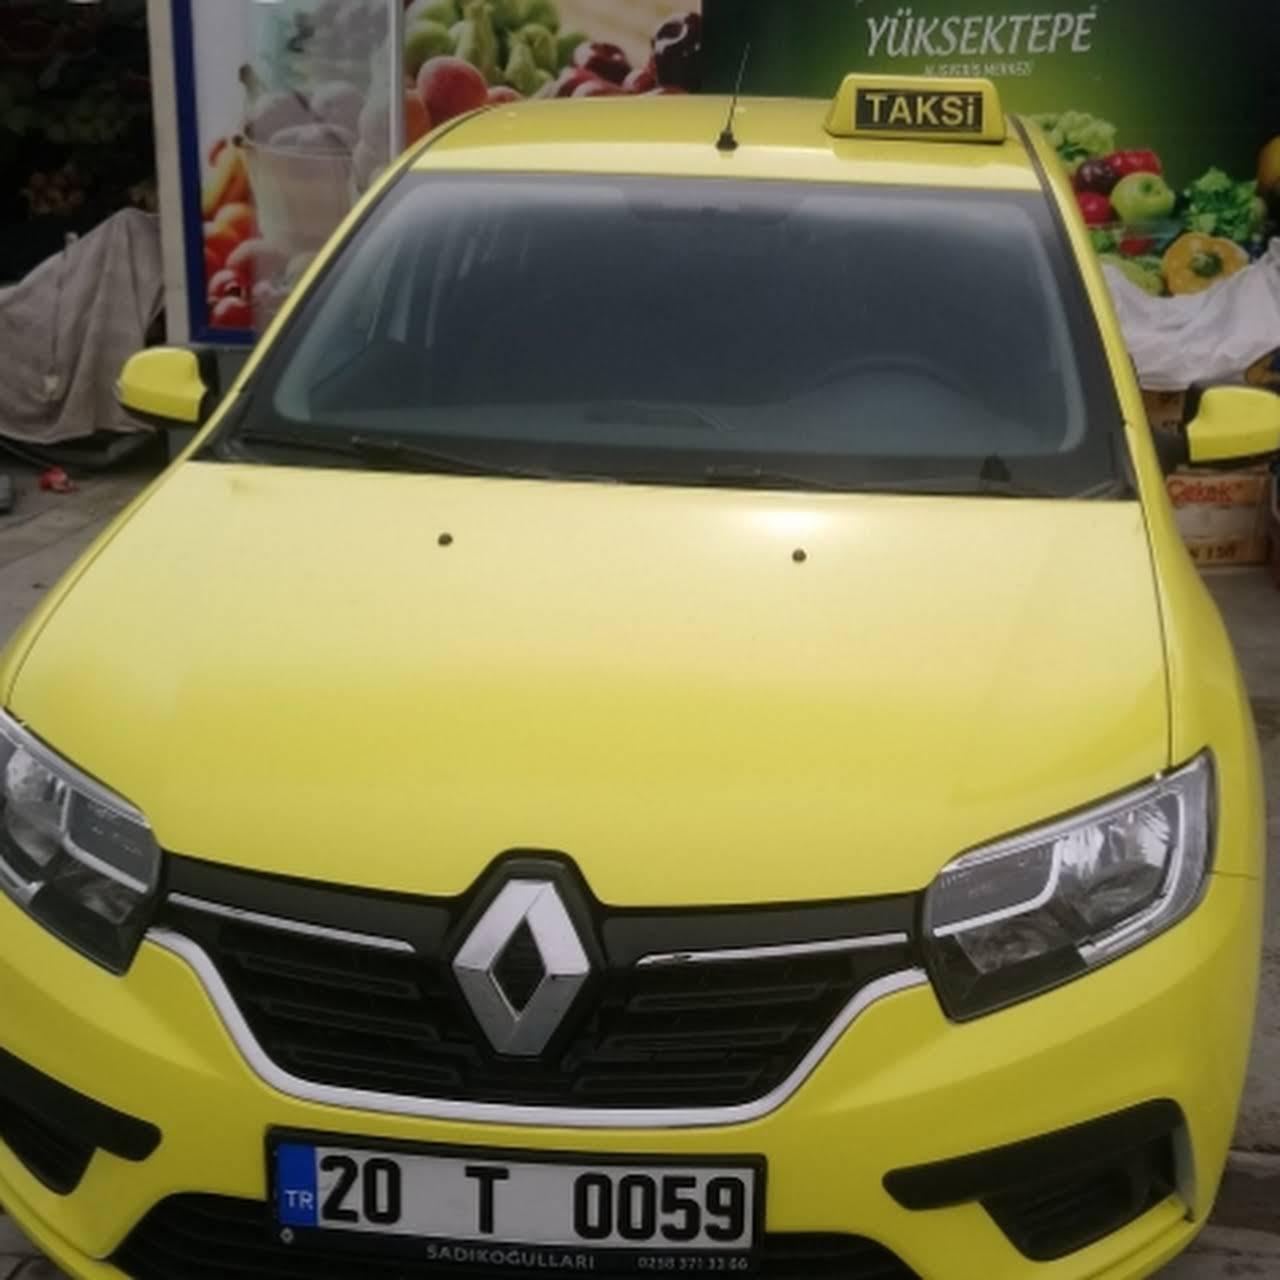 Taksi Bagbasi Yuksektepe Taksi Duragi